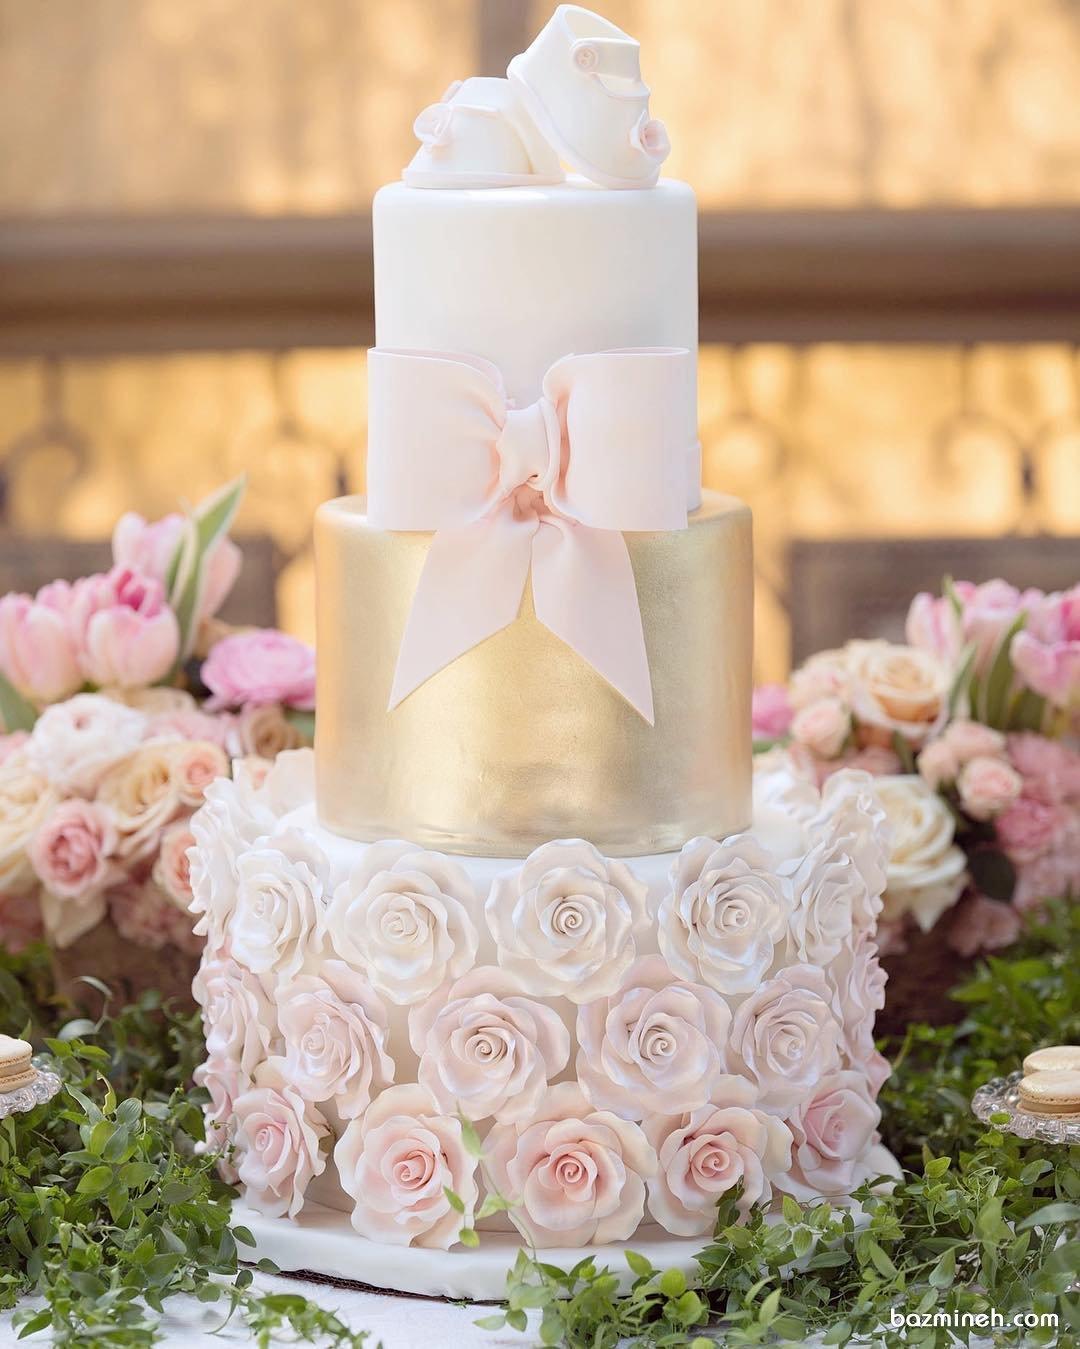 کیک خوشگل جشن بیبی شاور دخترانه تزئین شده با گل و پاپیون و کفش نوزادی